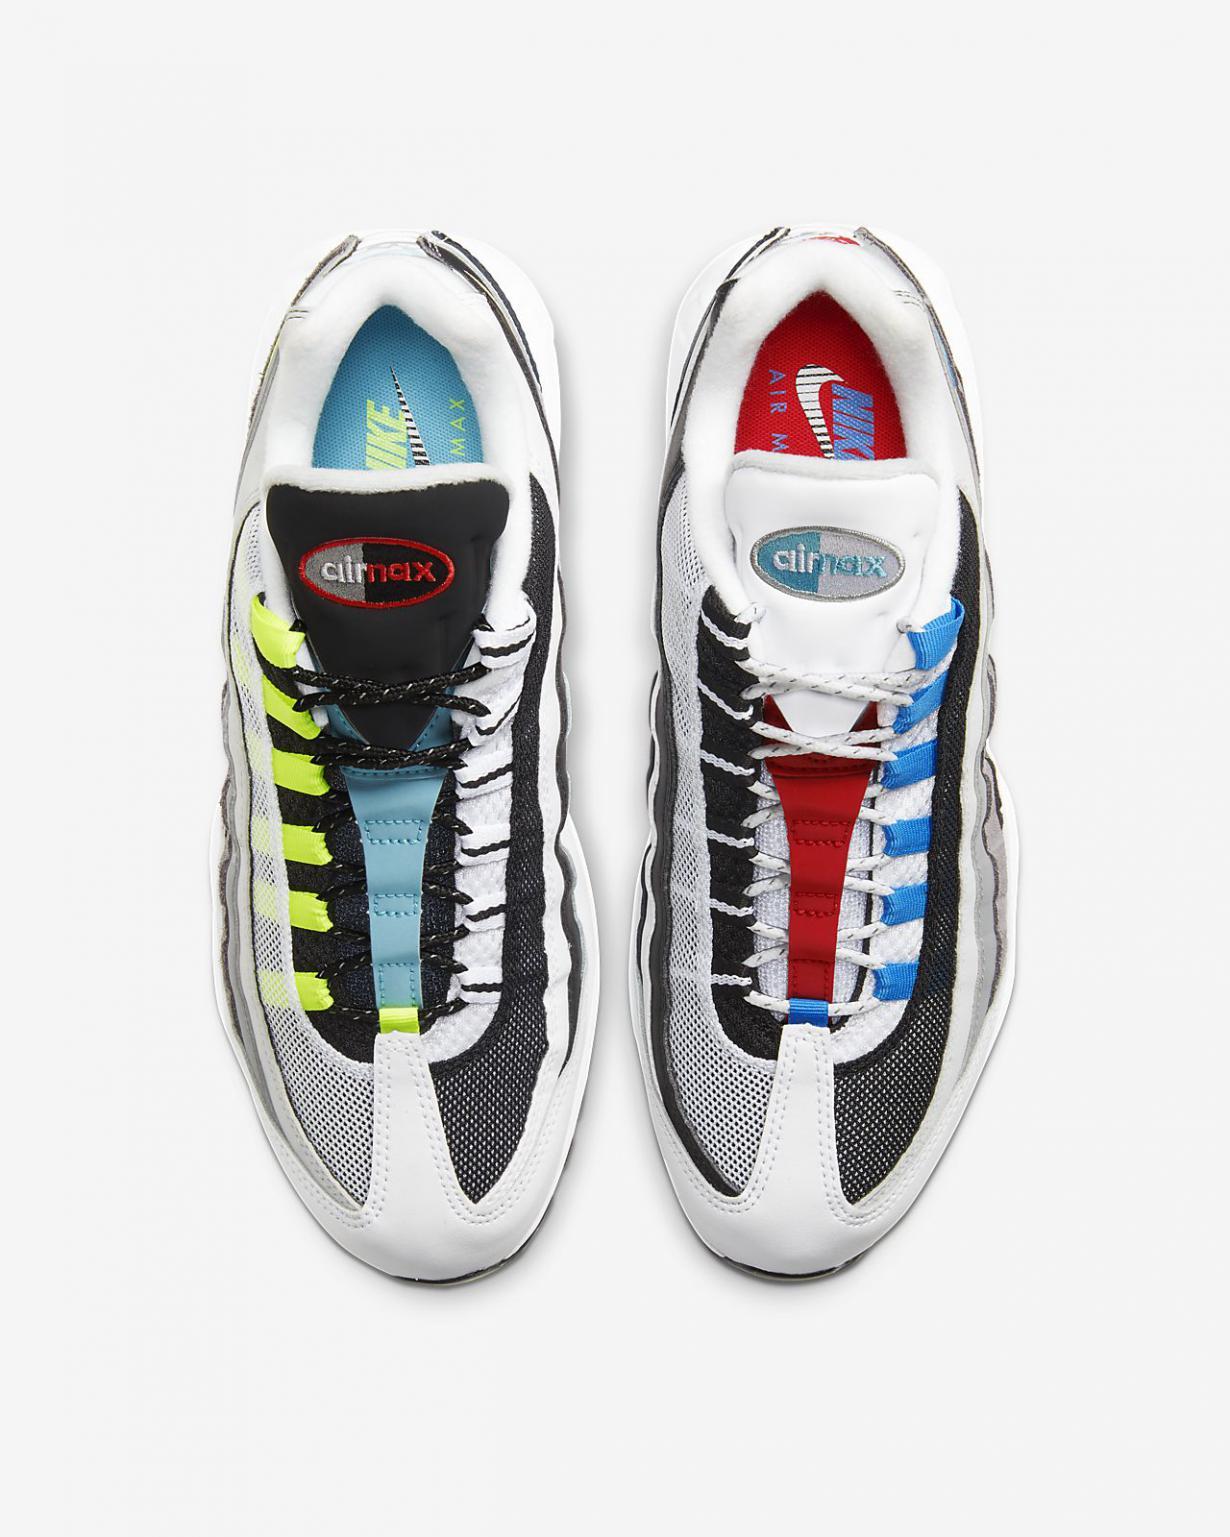 Lifestyle Homme | Air Max 95 Noir/Fumée de pistolet/Gris fer/Multicolore | Nike < Gooddaytricities